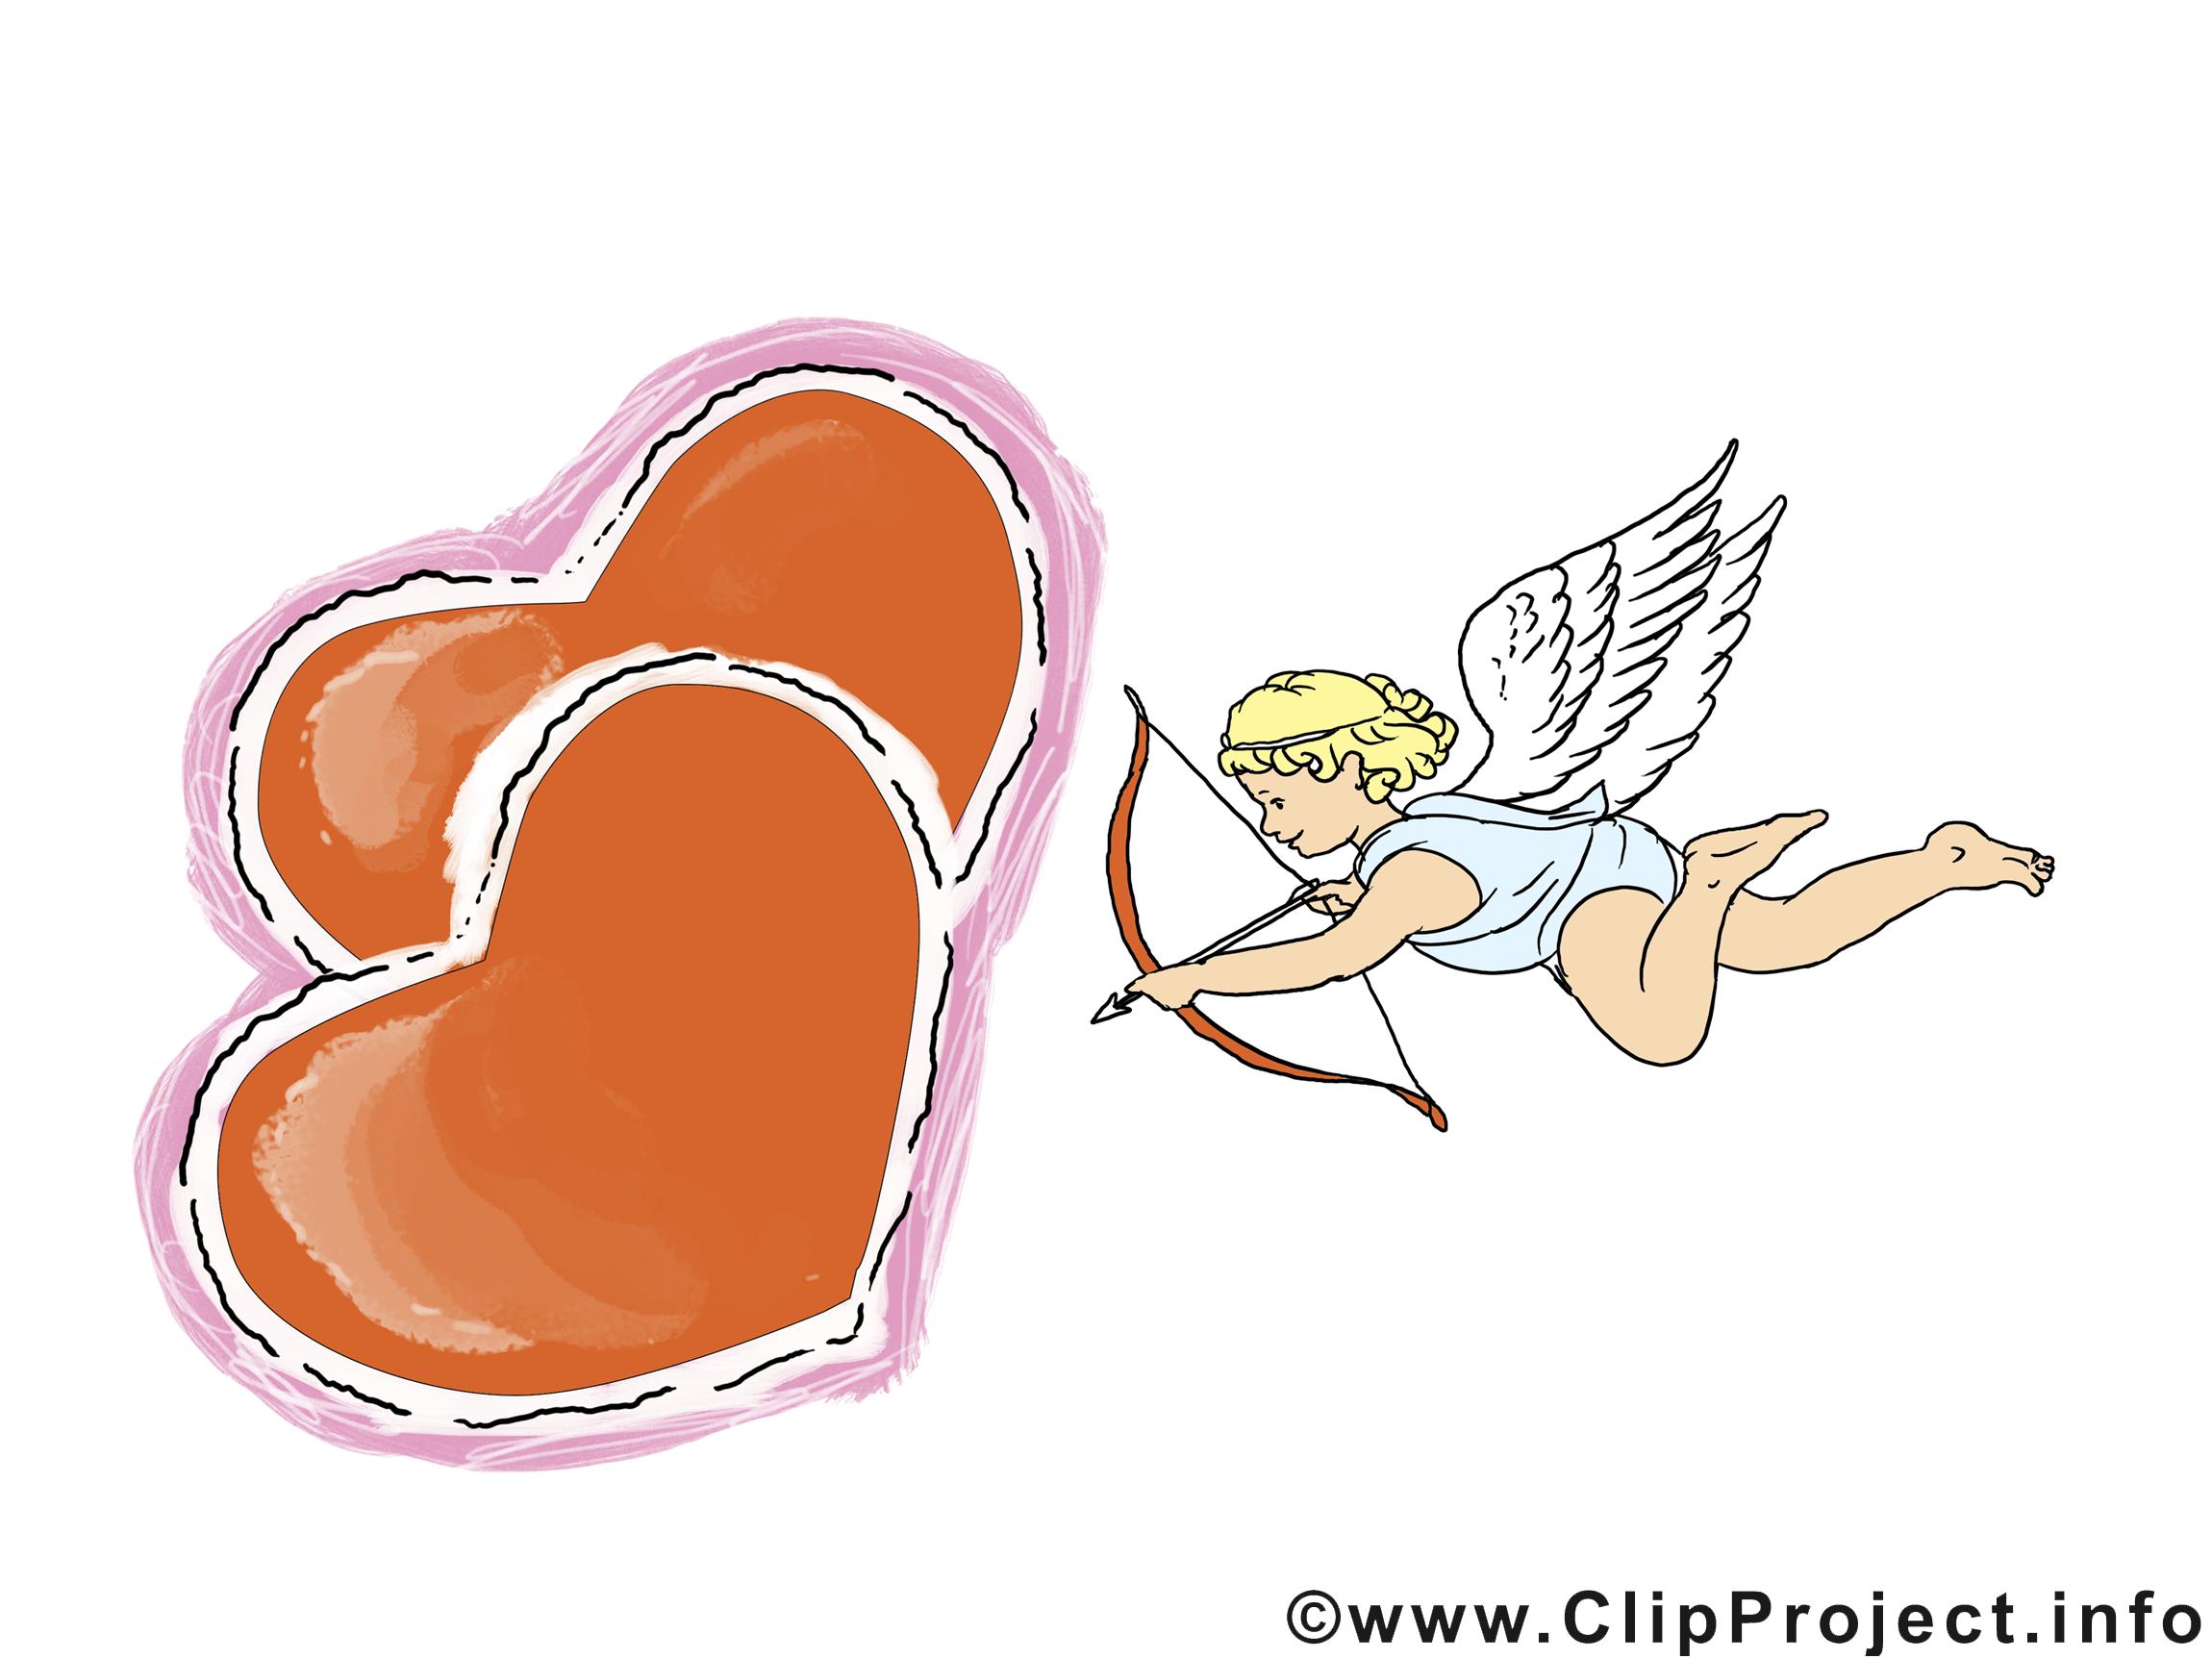 Cupidon carte gratuite saint valentin image saint valentin cartes mariage dessin picture - Image de cupidon gratuite ...